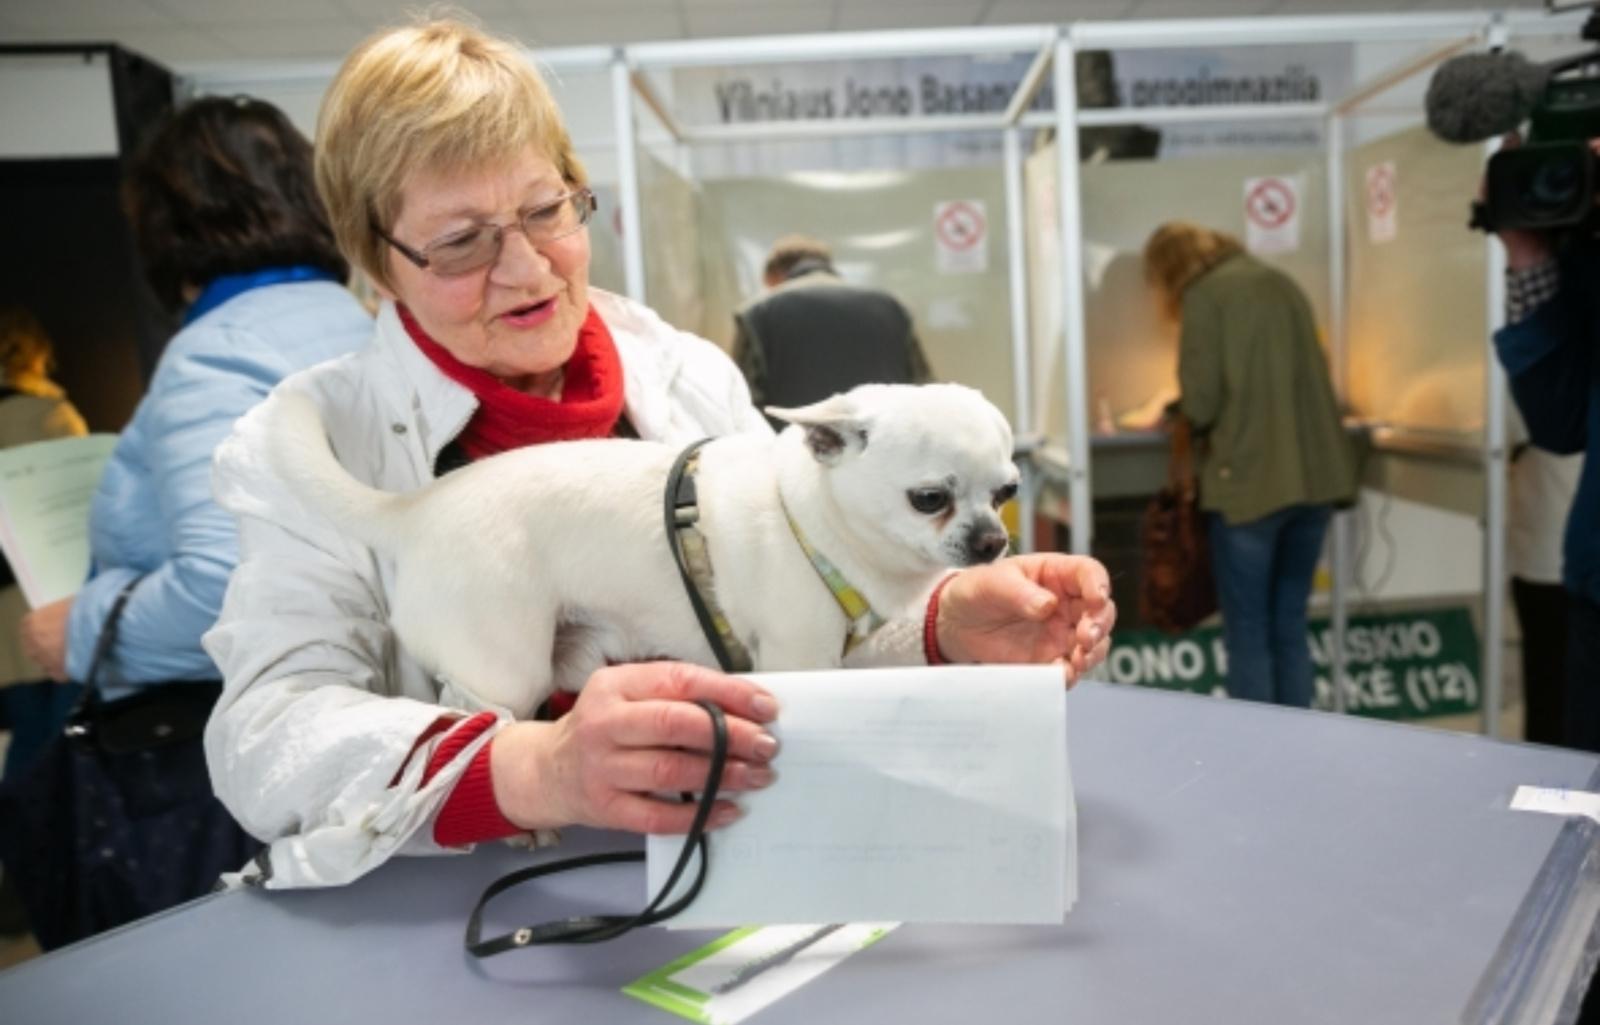 Rinkimai baigėsi: kaip balsavo Vilniaus apskritis?